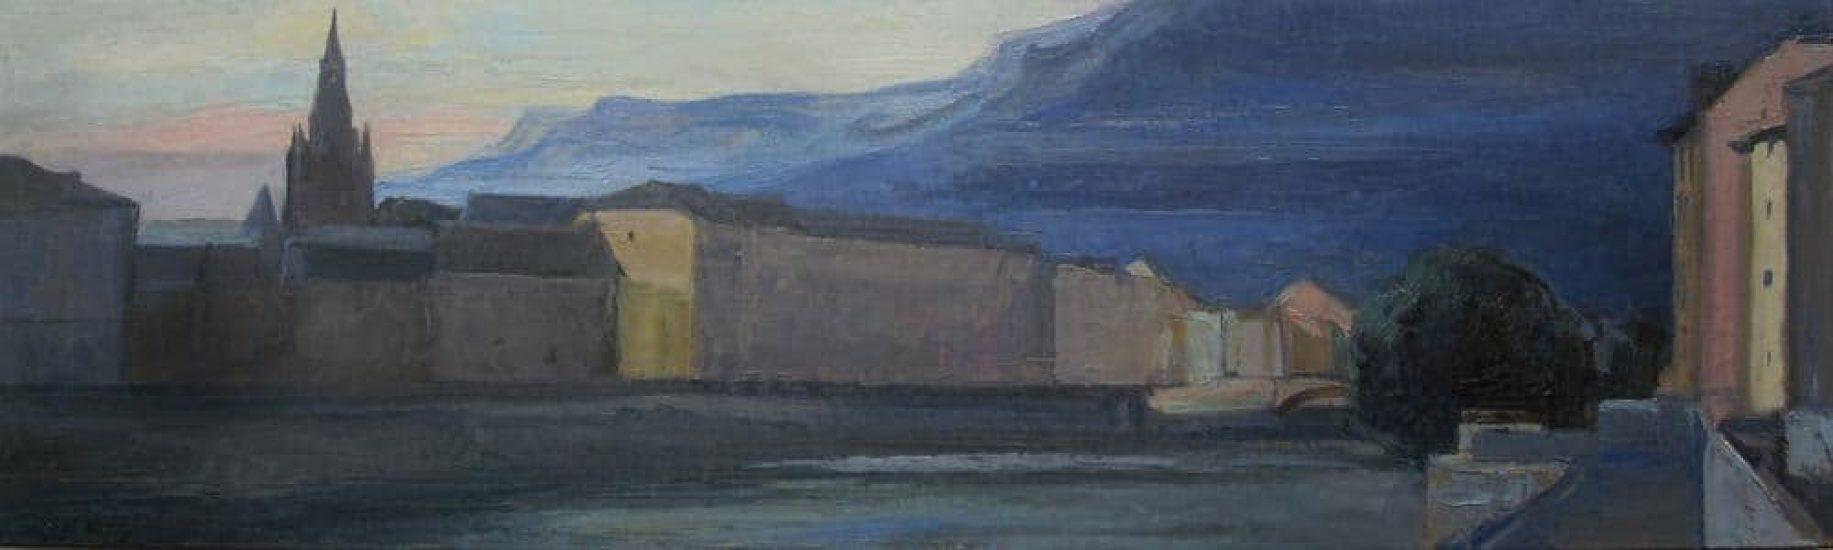 Grenoble, temps gris - 15 x 50 cm - collection particulière